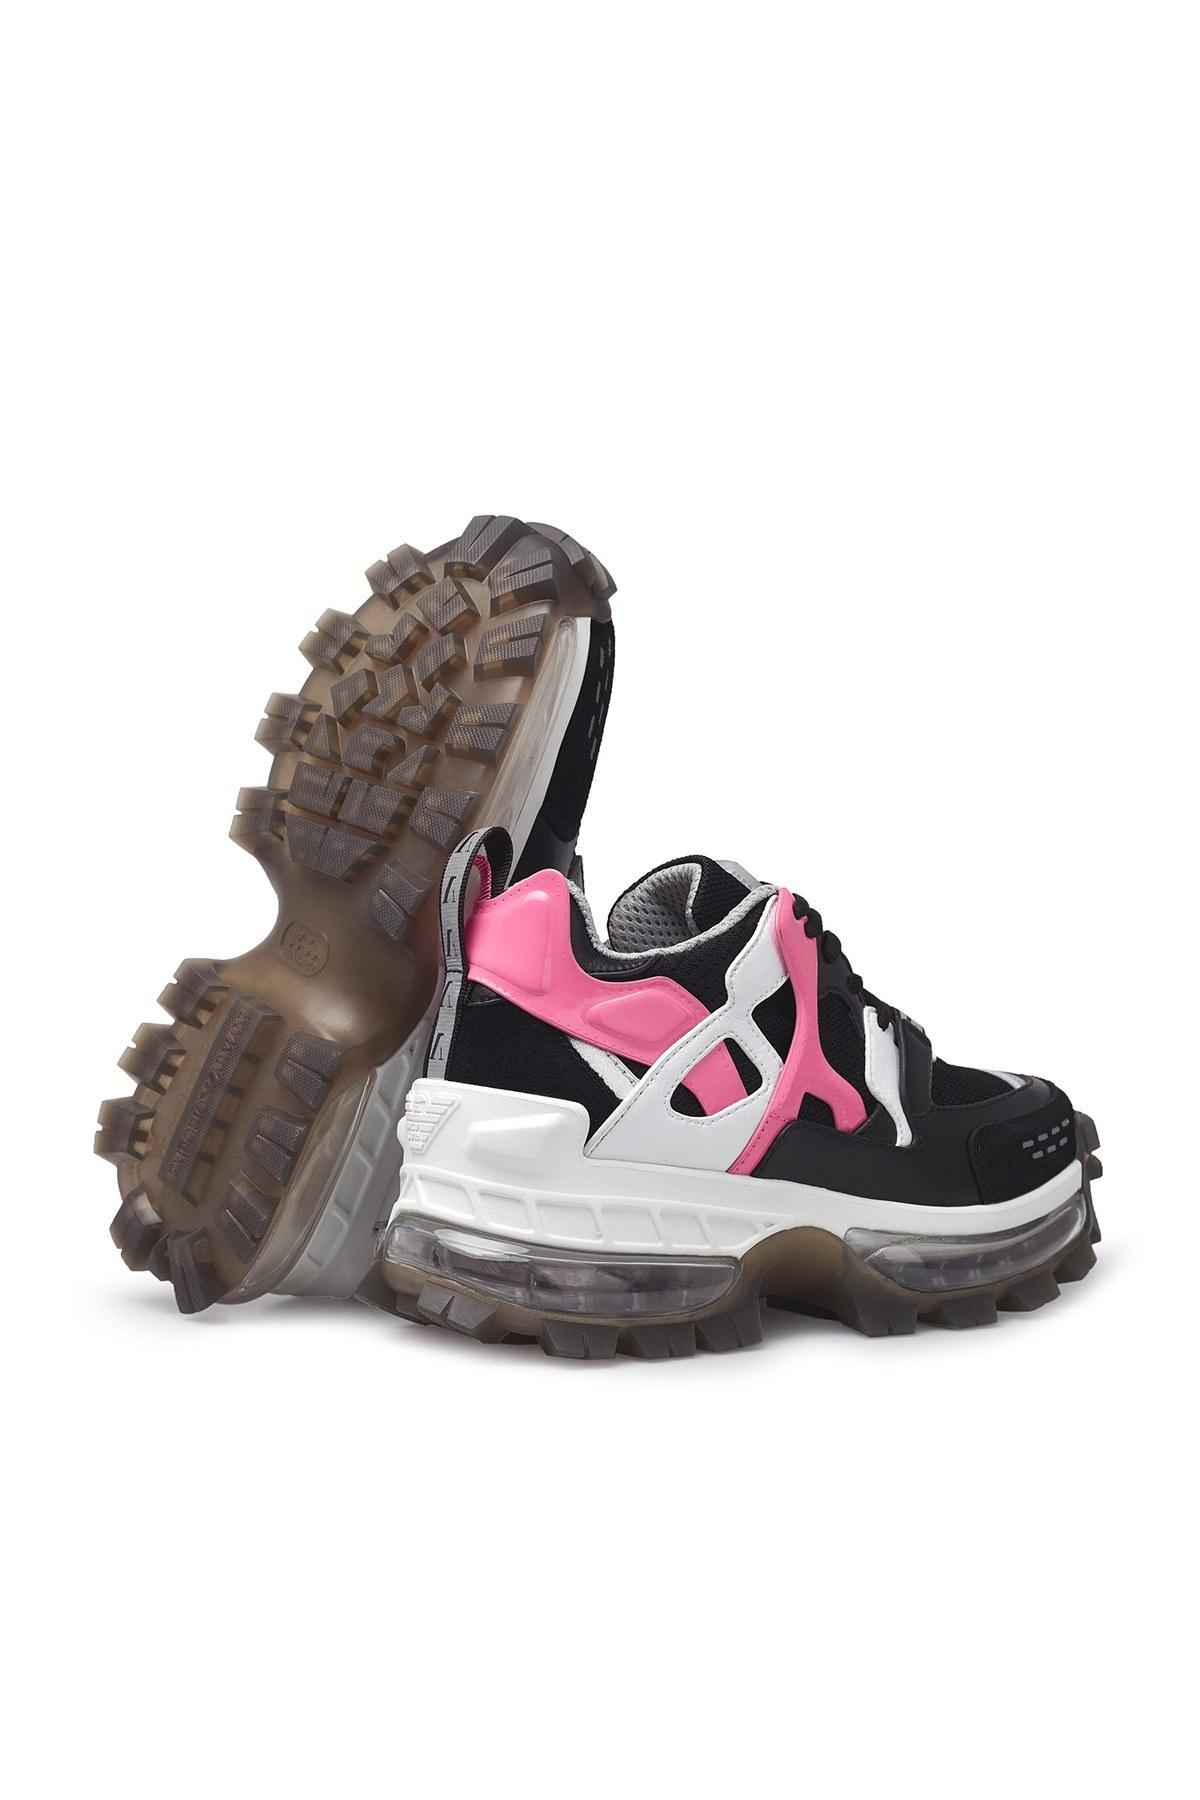 Emporio Armani Bayan Ayakkabı X3C156 XM515 N122 SİYAH-PEMBE